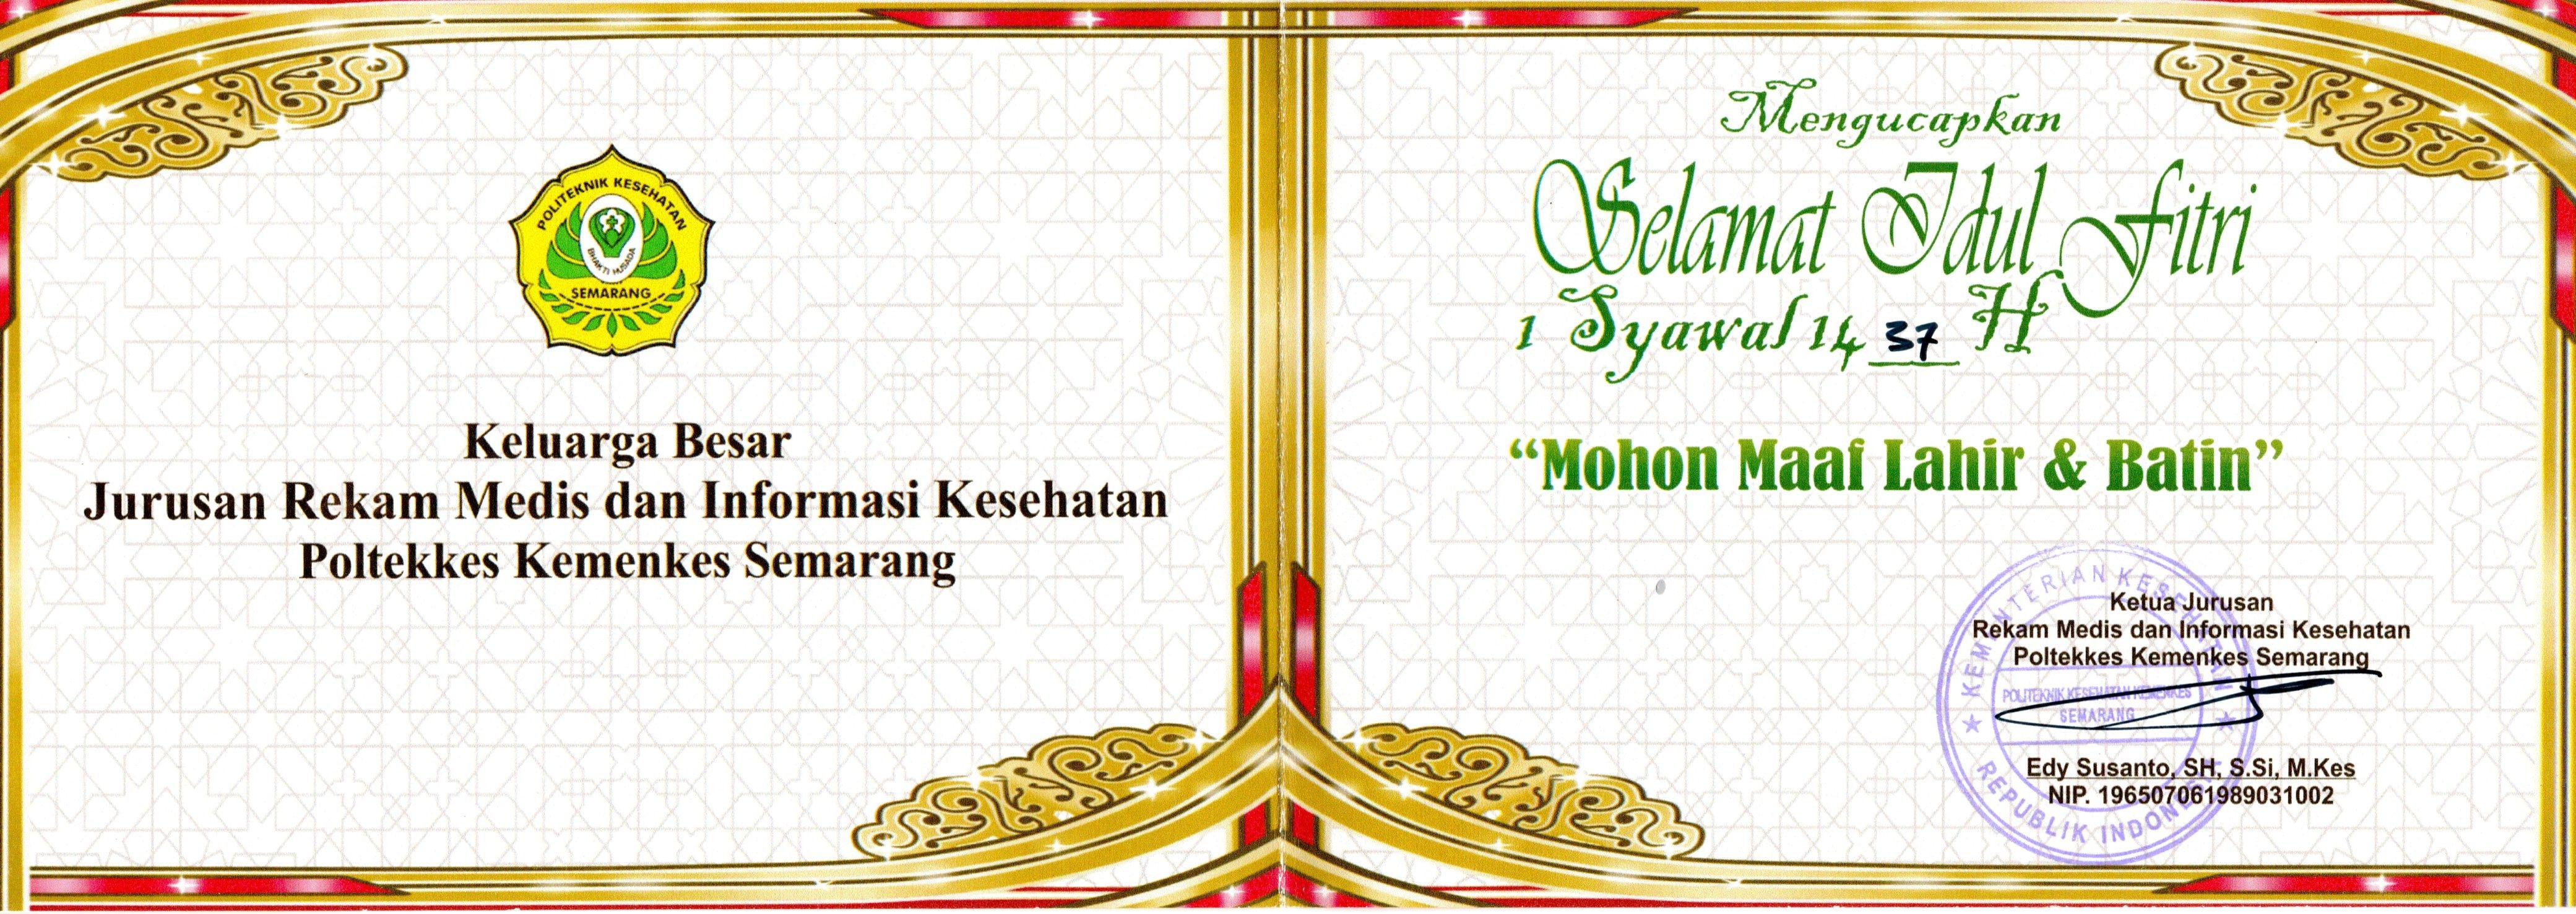 Selamat Hari Raya Idul Fitri 1437 H